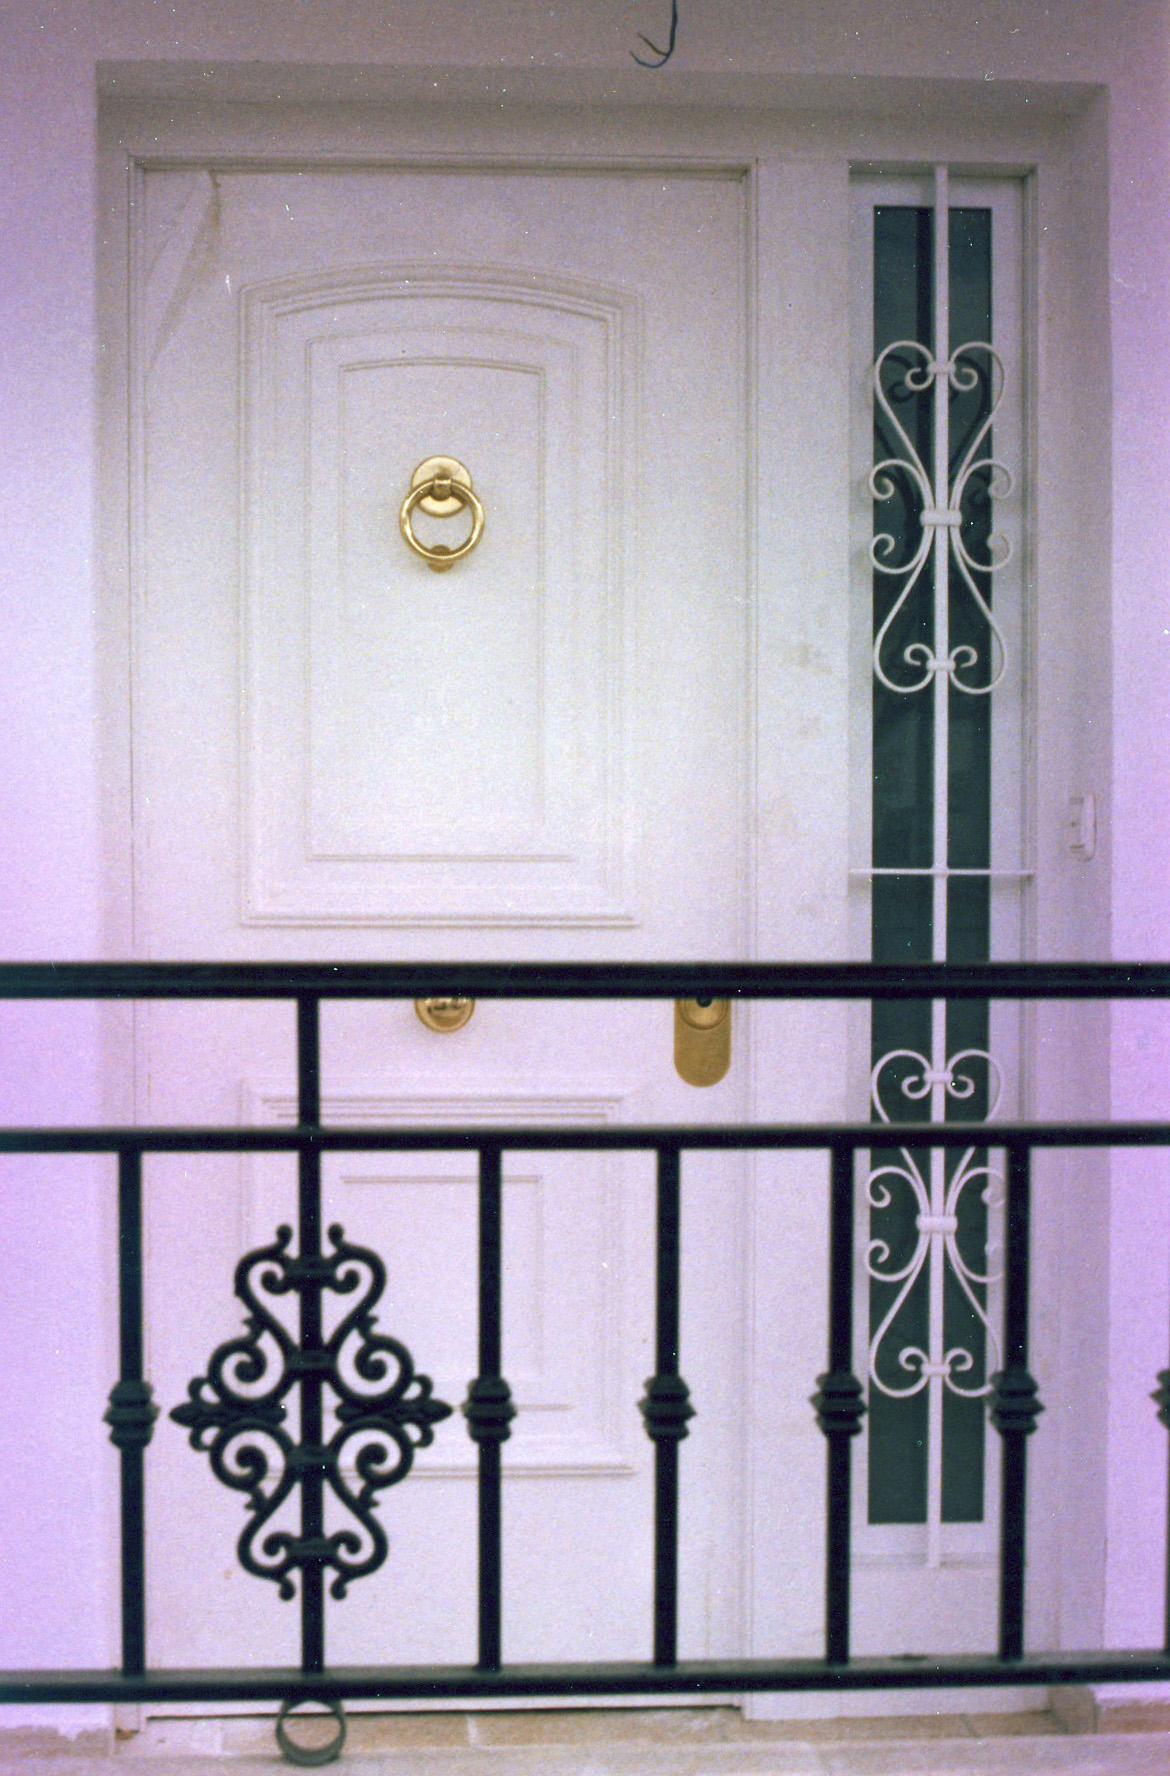 Le decoramos el interior de su vivienda p gina 2 de 2 for Paneles de fibra de vidrio